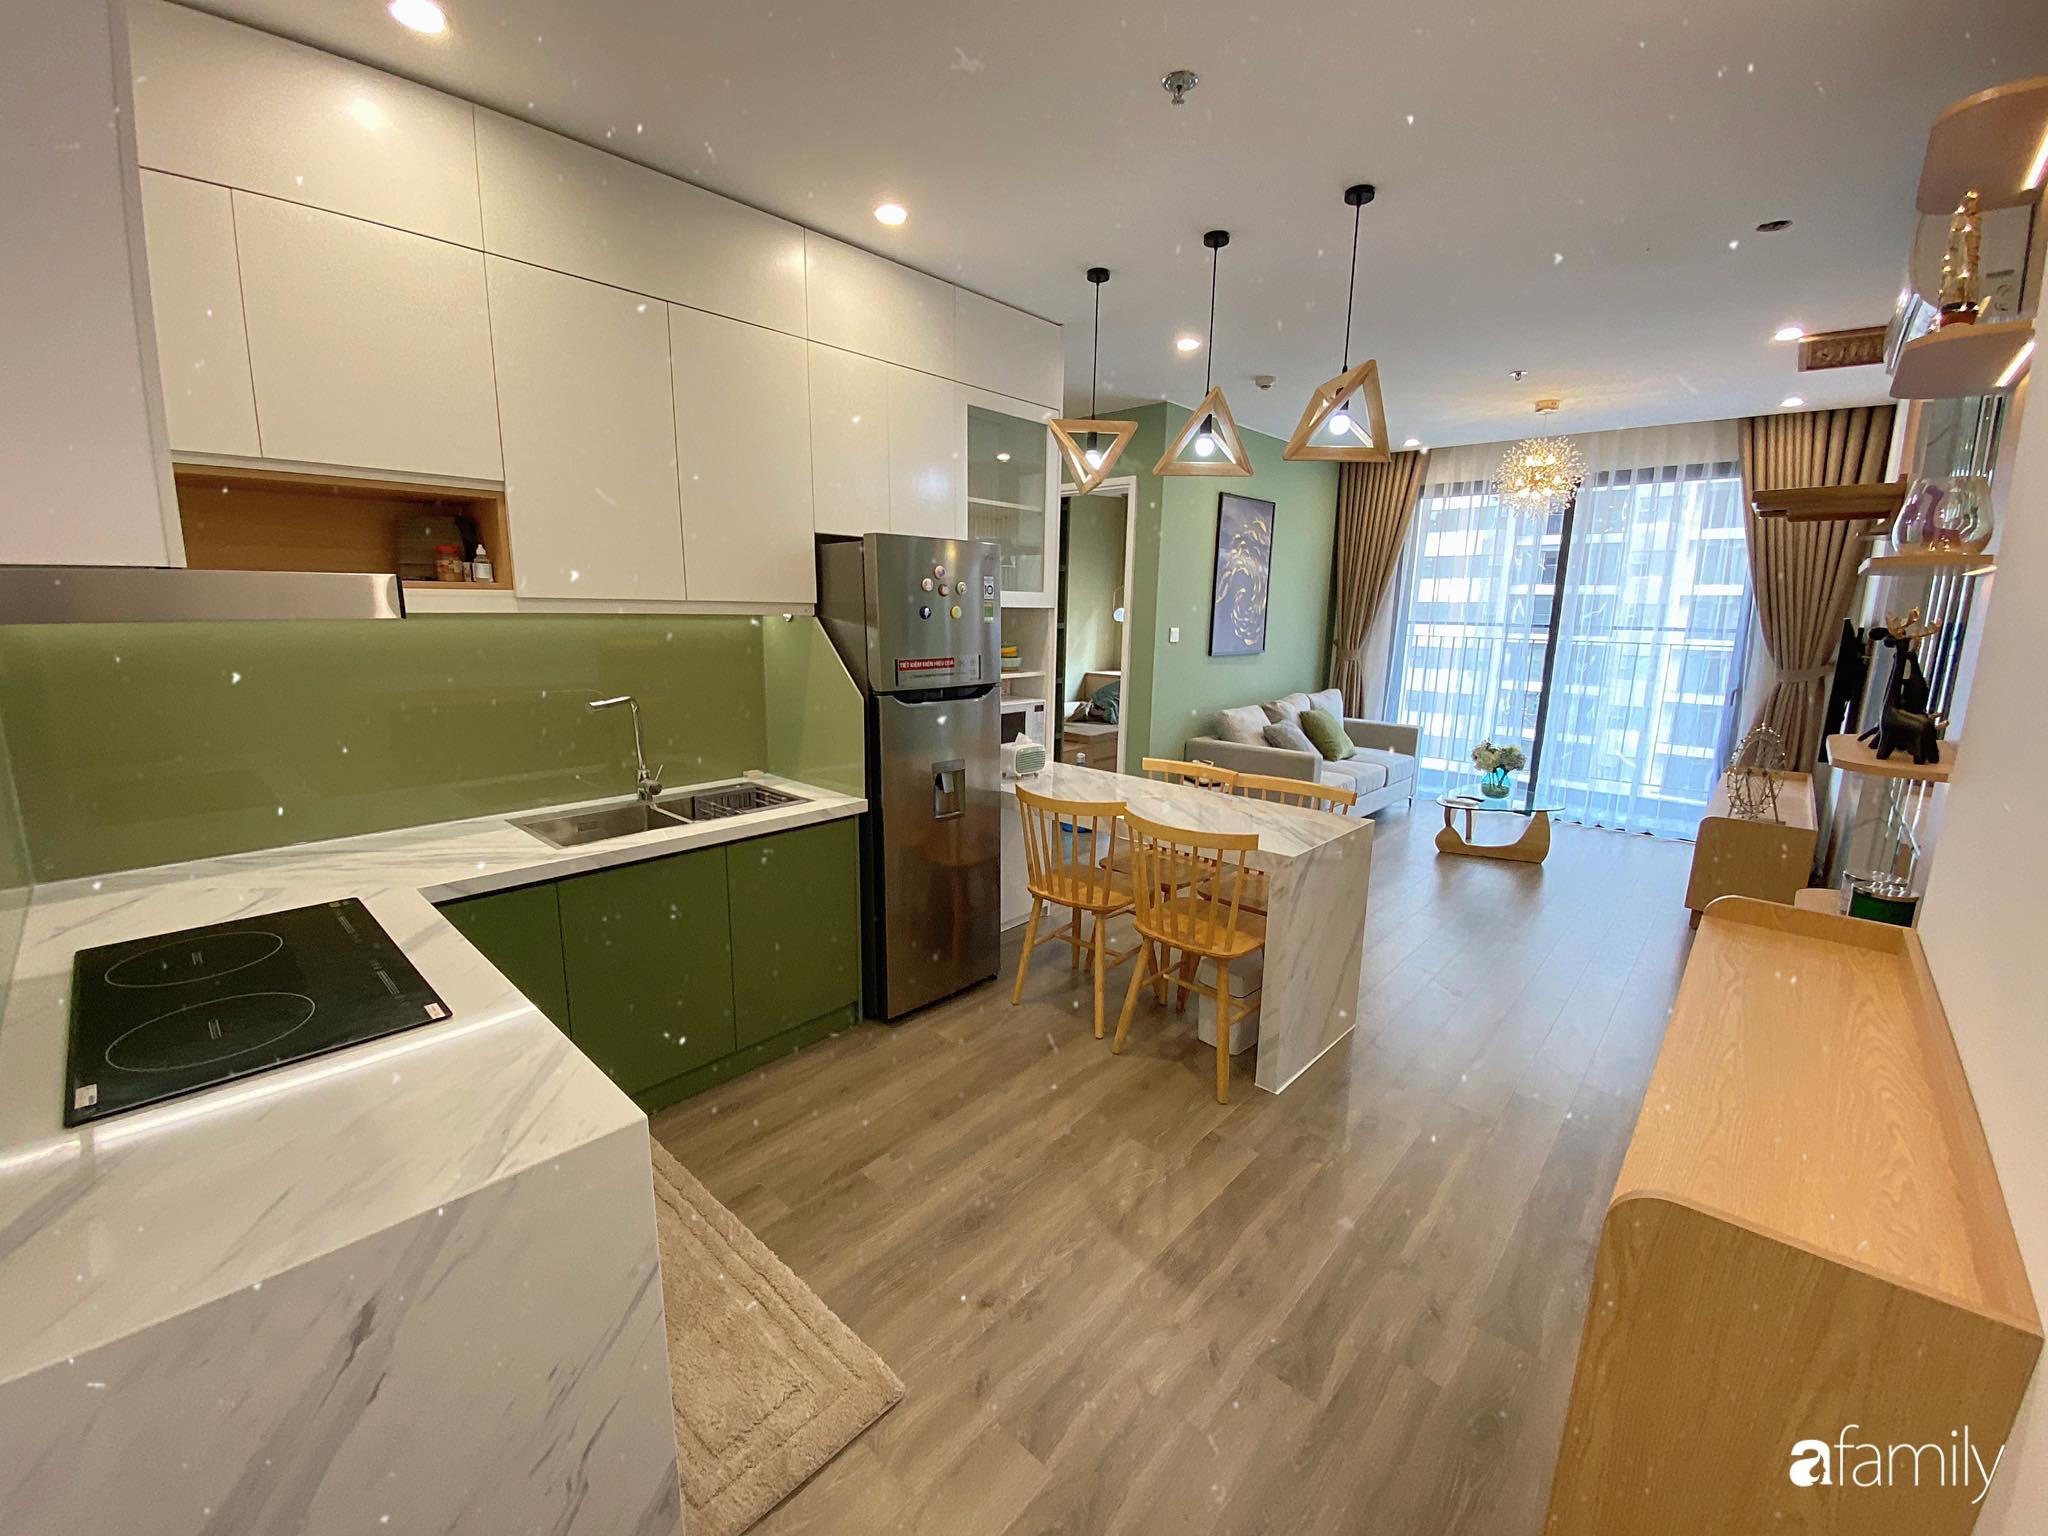 Căn hộ 59m² màu xanh lá xua tan nóng bức mùa hè có chi phí hoàn thiện 225 triệu đồng ở Hà Nội - Ảnh 2.